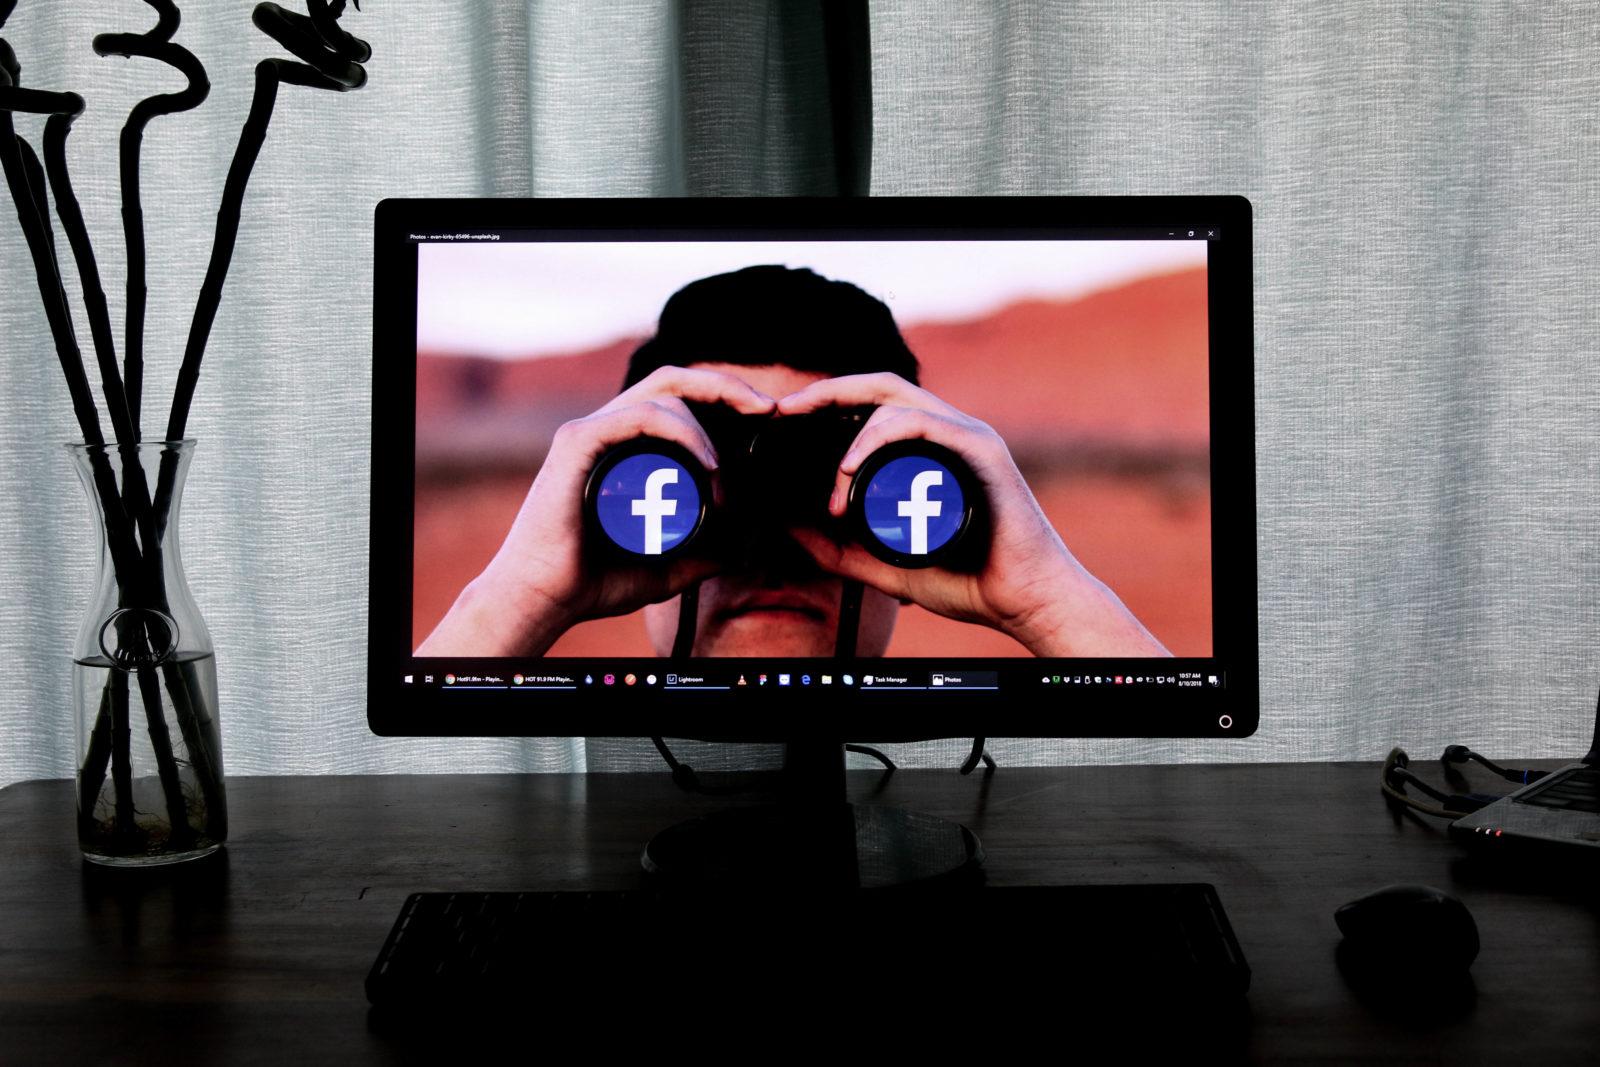 ソーシャルメディア(SNS)疲れは無作為に流れてくる情報のせい?